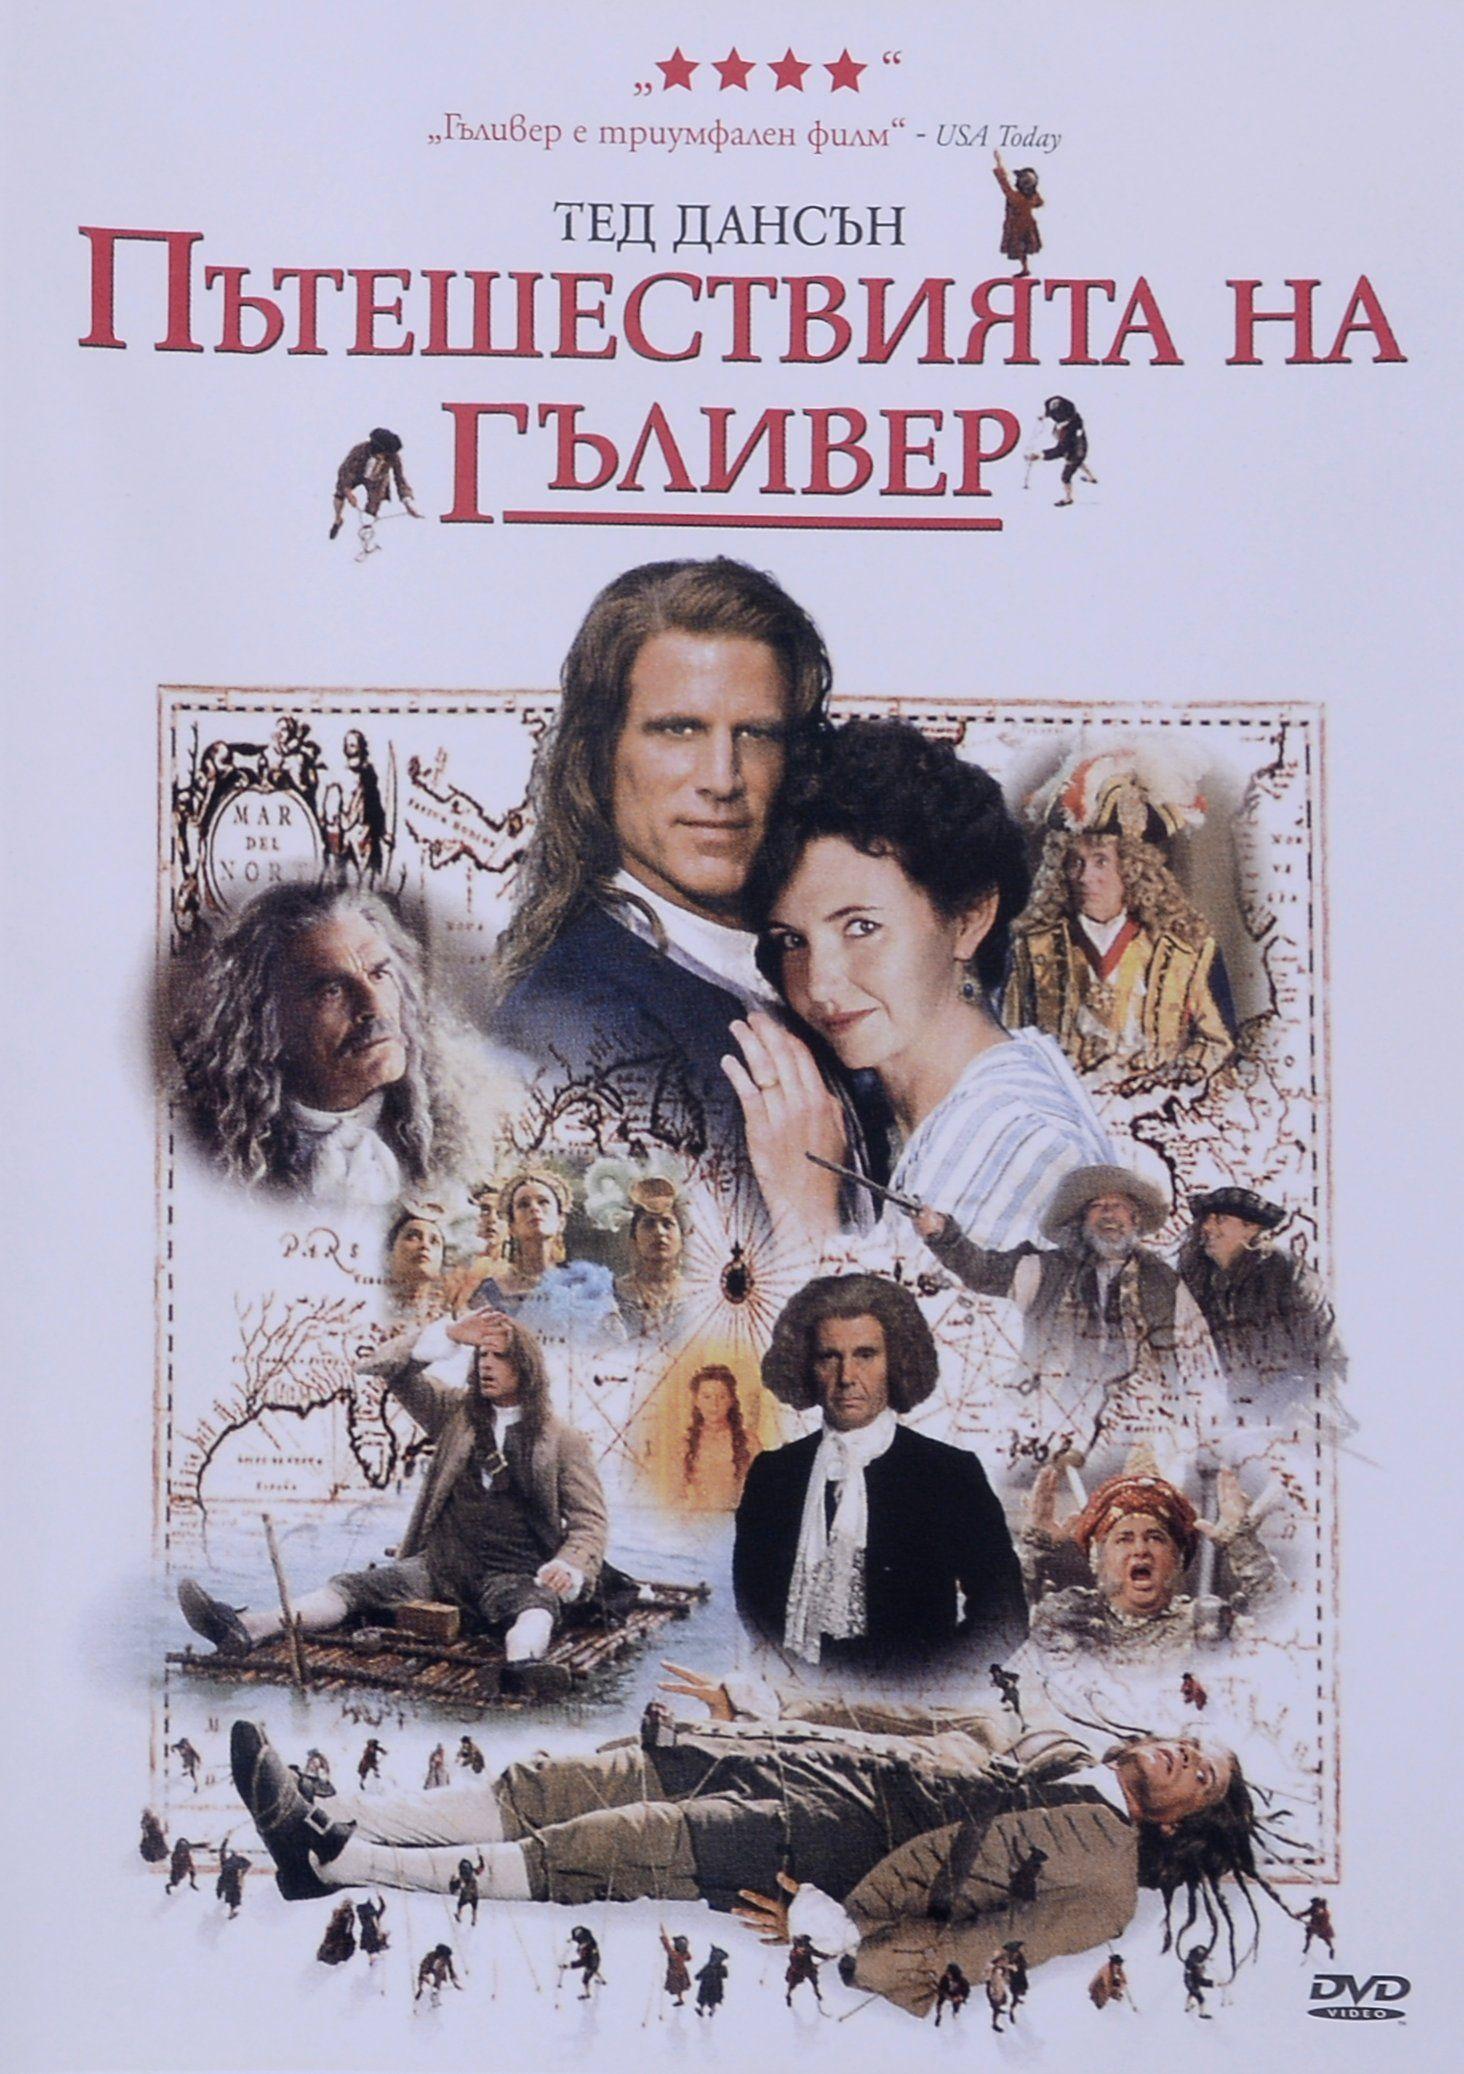 Пътешествията на Гъливер (1996) (DVD) - 1